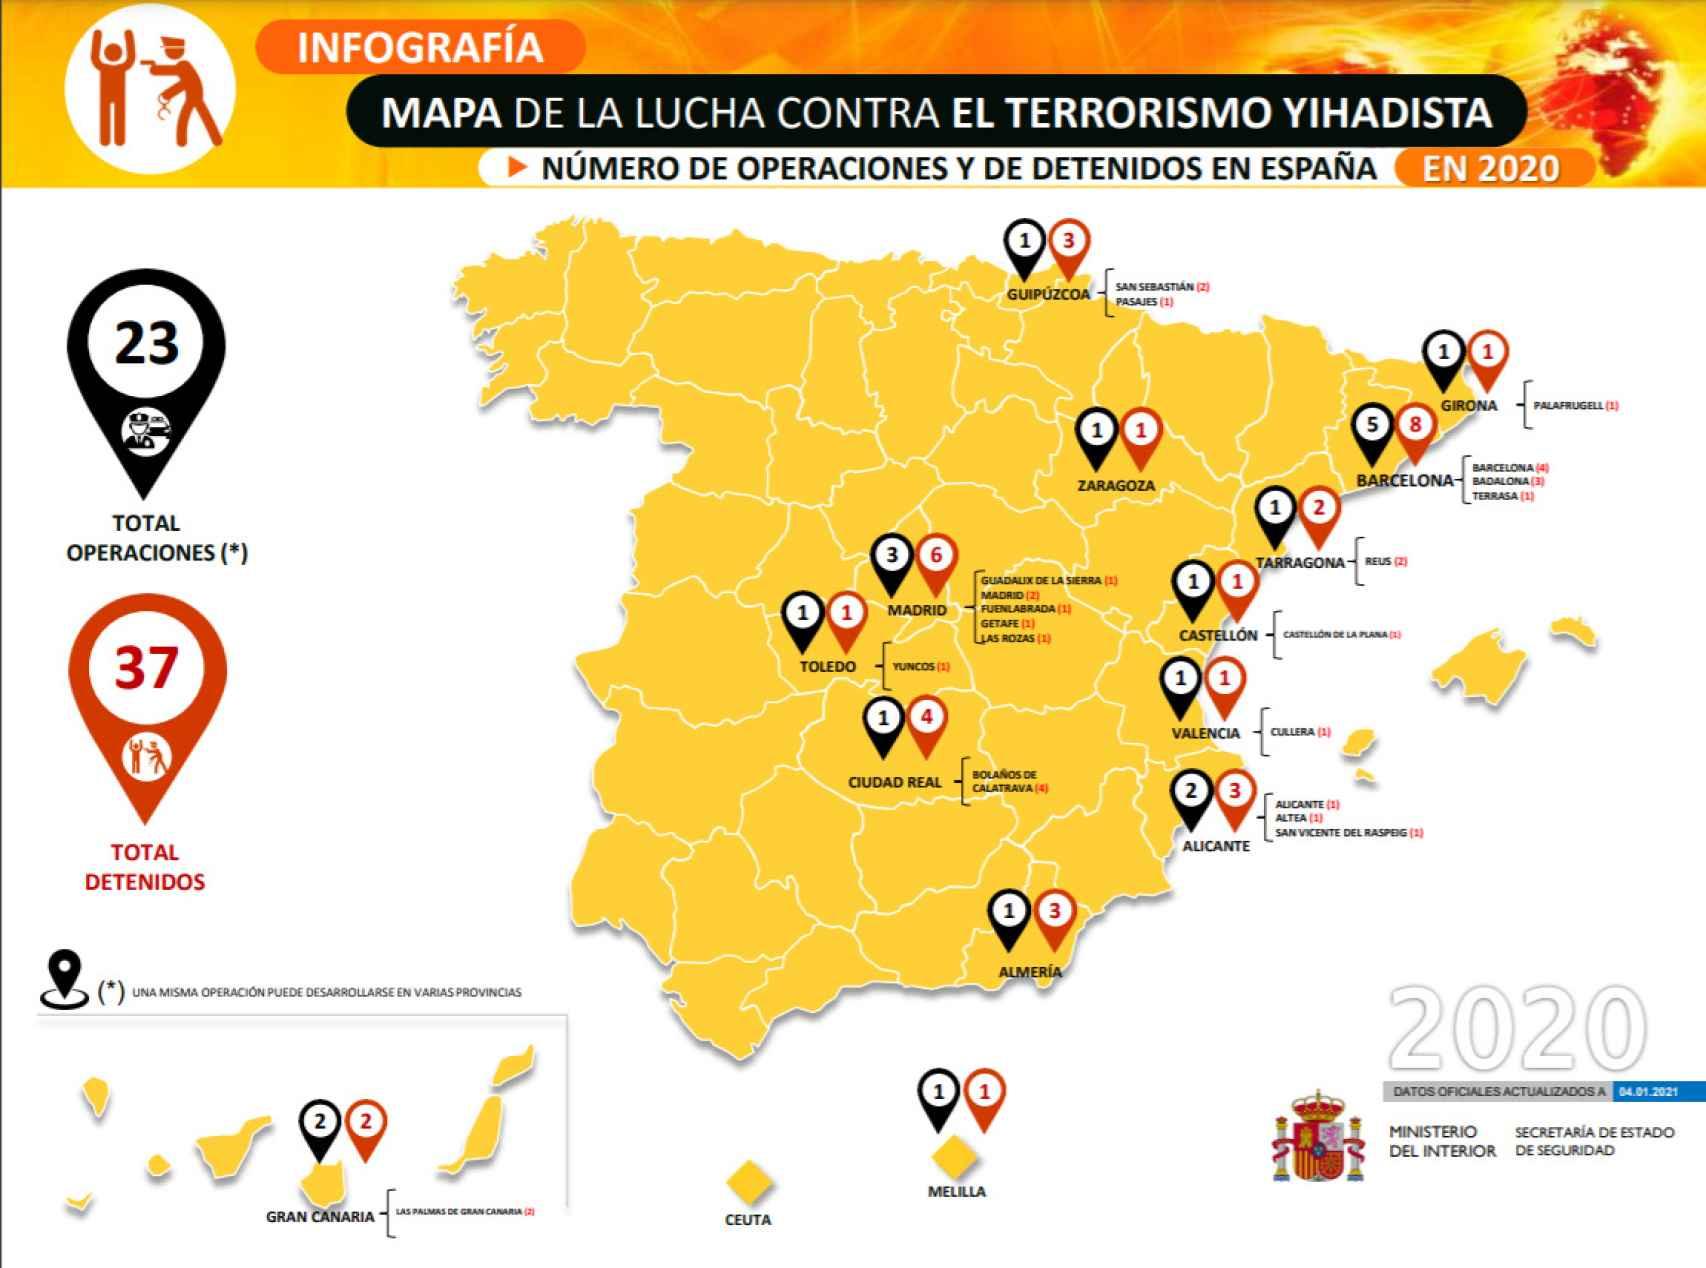 Mapa con todos los detenidos por yihadismo y las operaciones policiales de 2020.